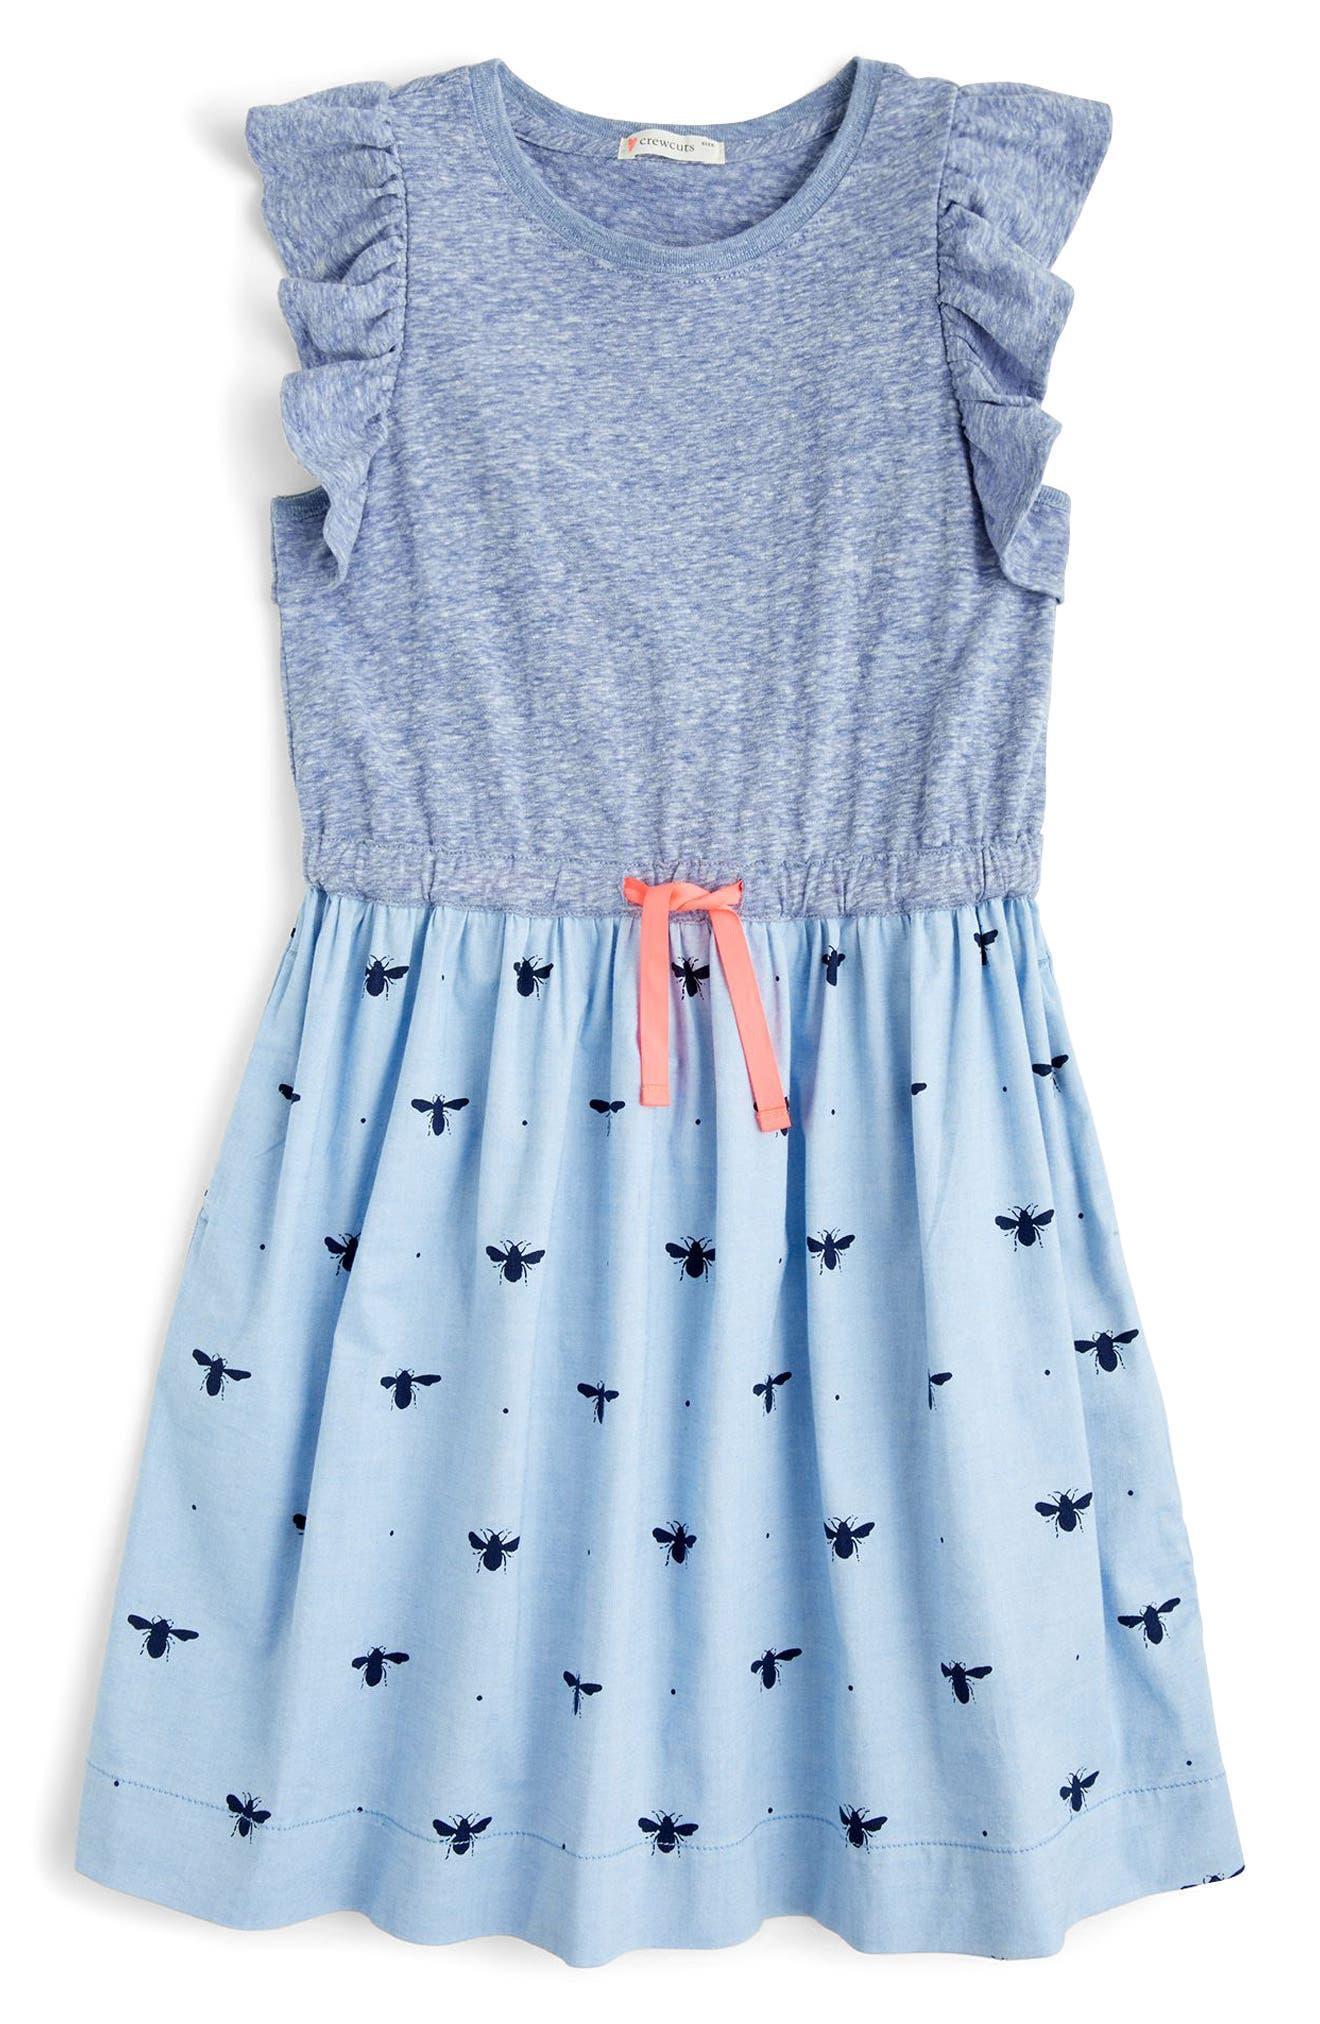 crewcuts by J.Crew Flutter Sleeve Mixed Media Dress (Toddler Girls, Little Girls & Big Girls)